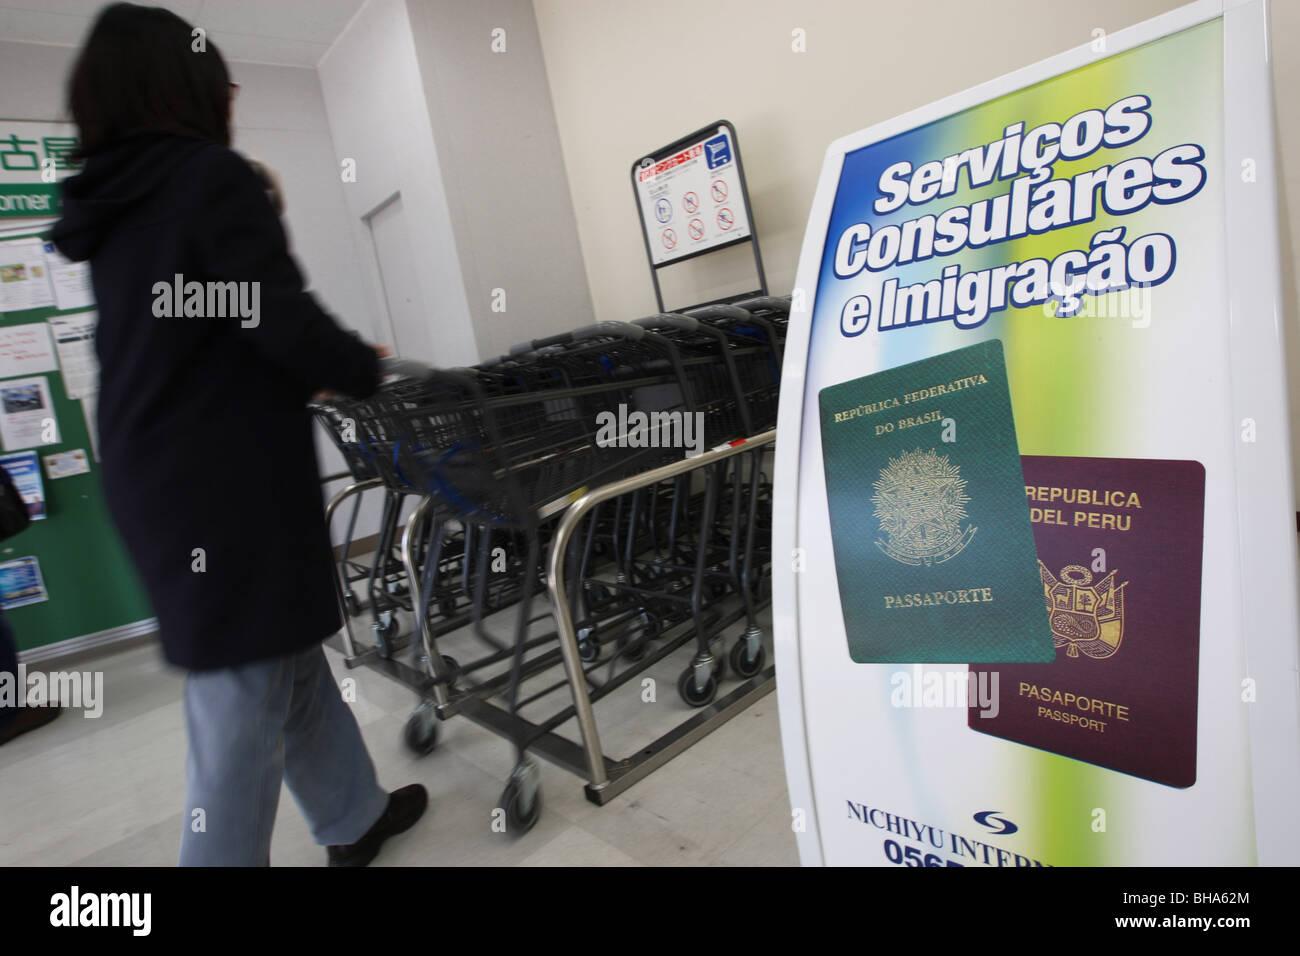 """Werbung für konsularische Immigration Service Hilfe in """"Homi Danshi""""-einer Wohnsiedlung, gefüllt Stockbild"""